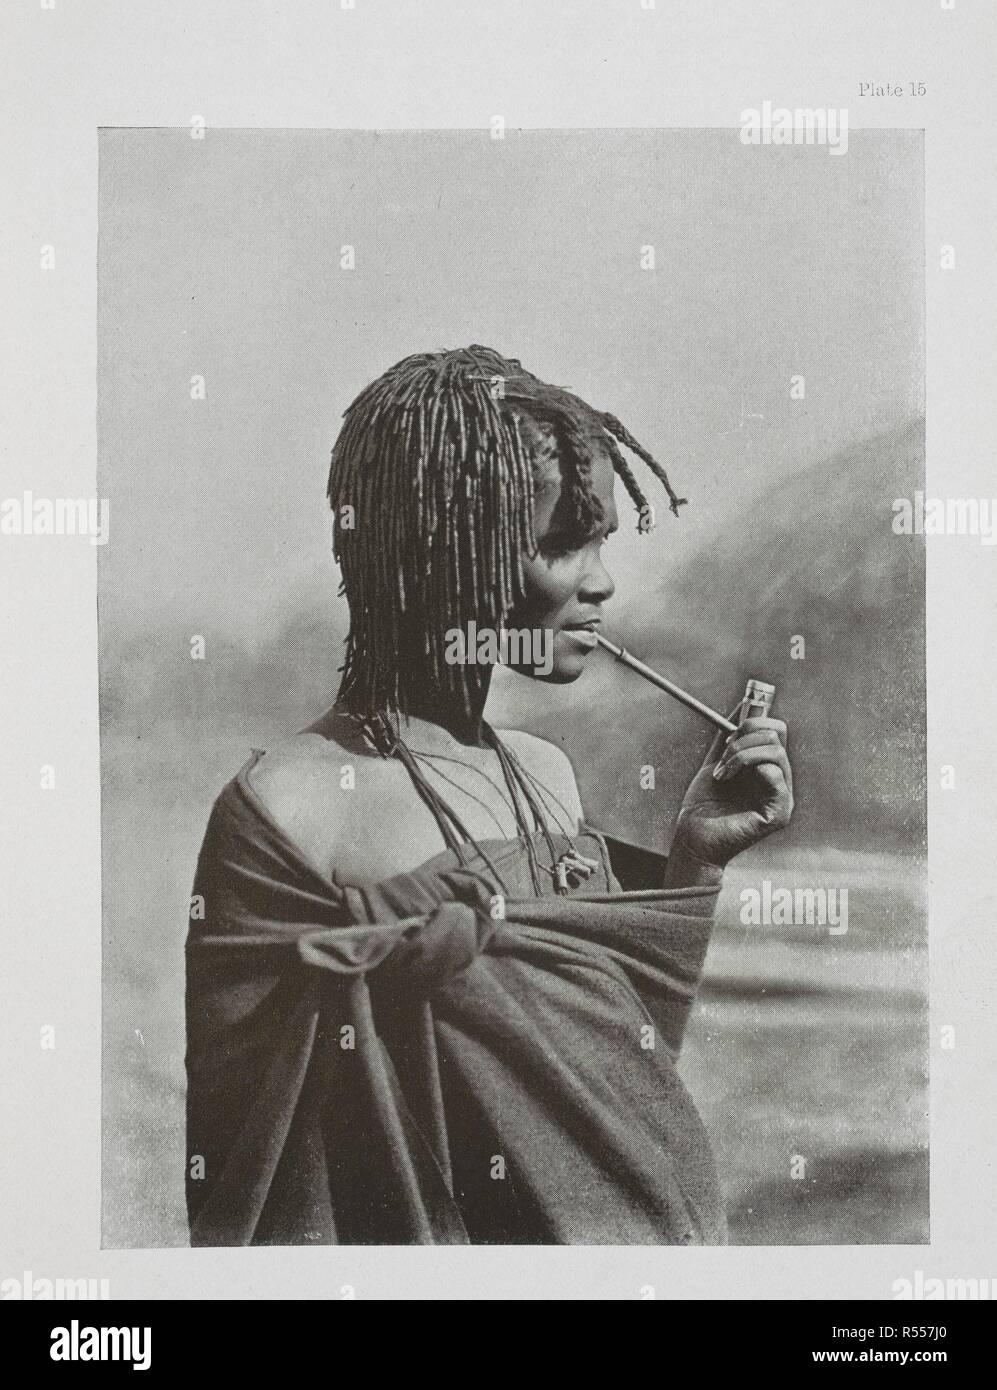 Una ragazza Pondo. . L'essenziale Kafir ... Con un centinaio di full-page illustrazioni dall'autore. Londra : Adam & Charles Black, 1904. Fonte: 10096.h.20 della piastra 15. Autore: Kidd, Dudley. Immagini Stock